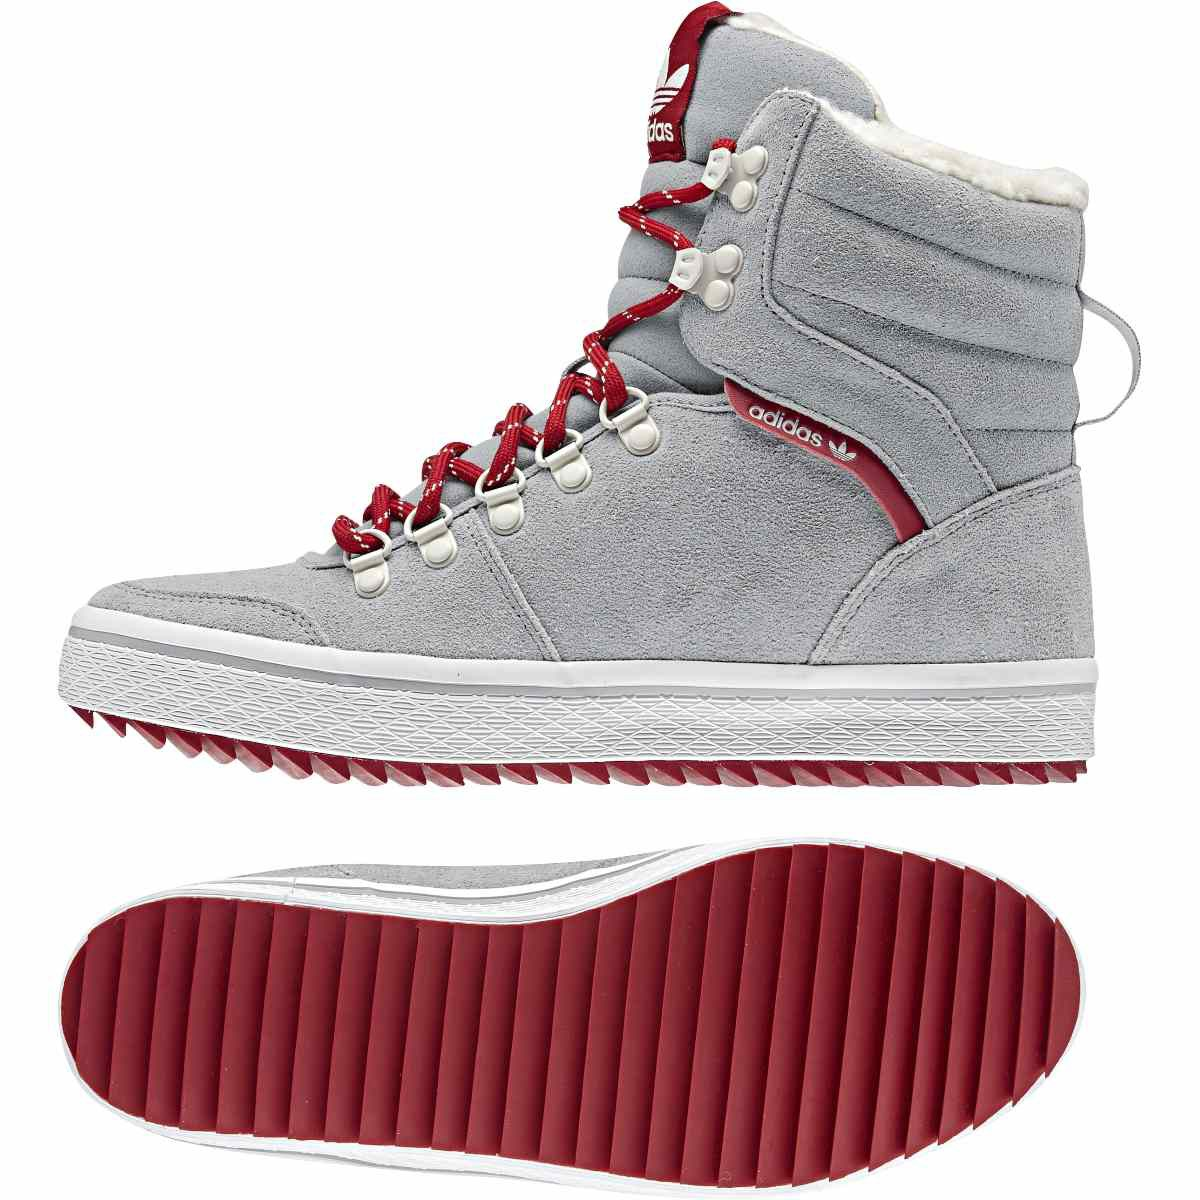 734e87e8431 Dámské zimní boty adidas HONEY HILL W